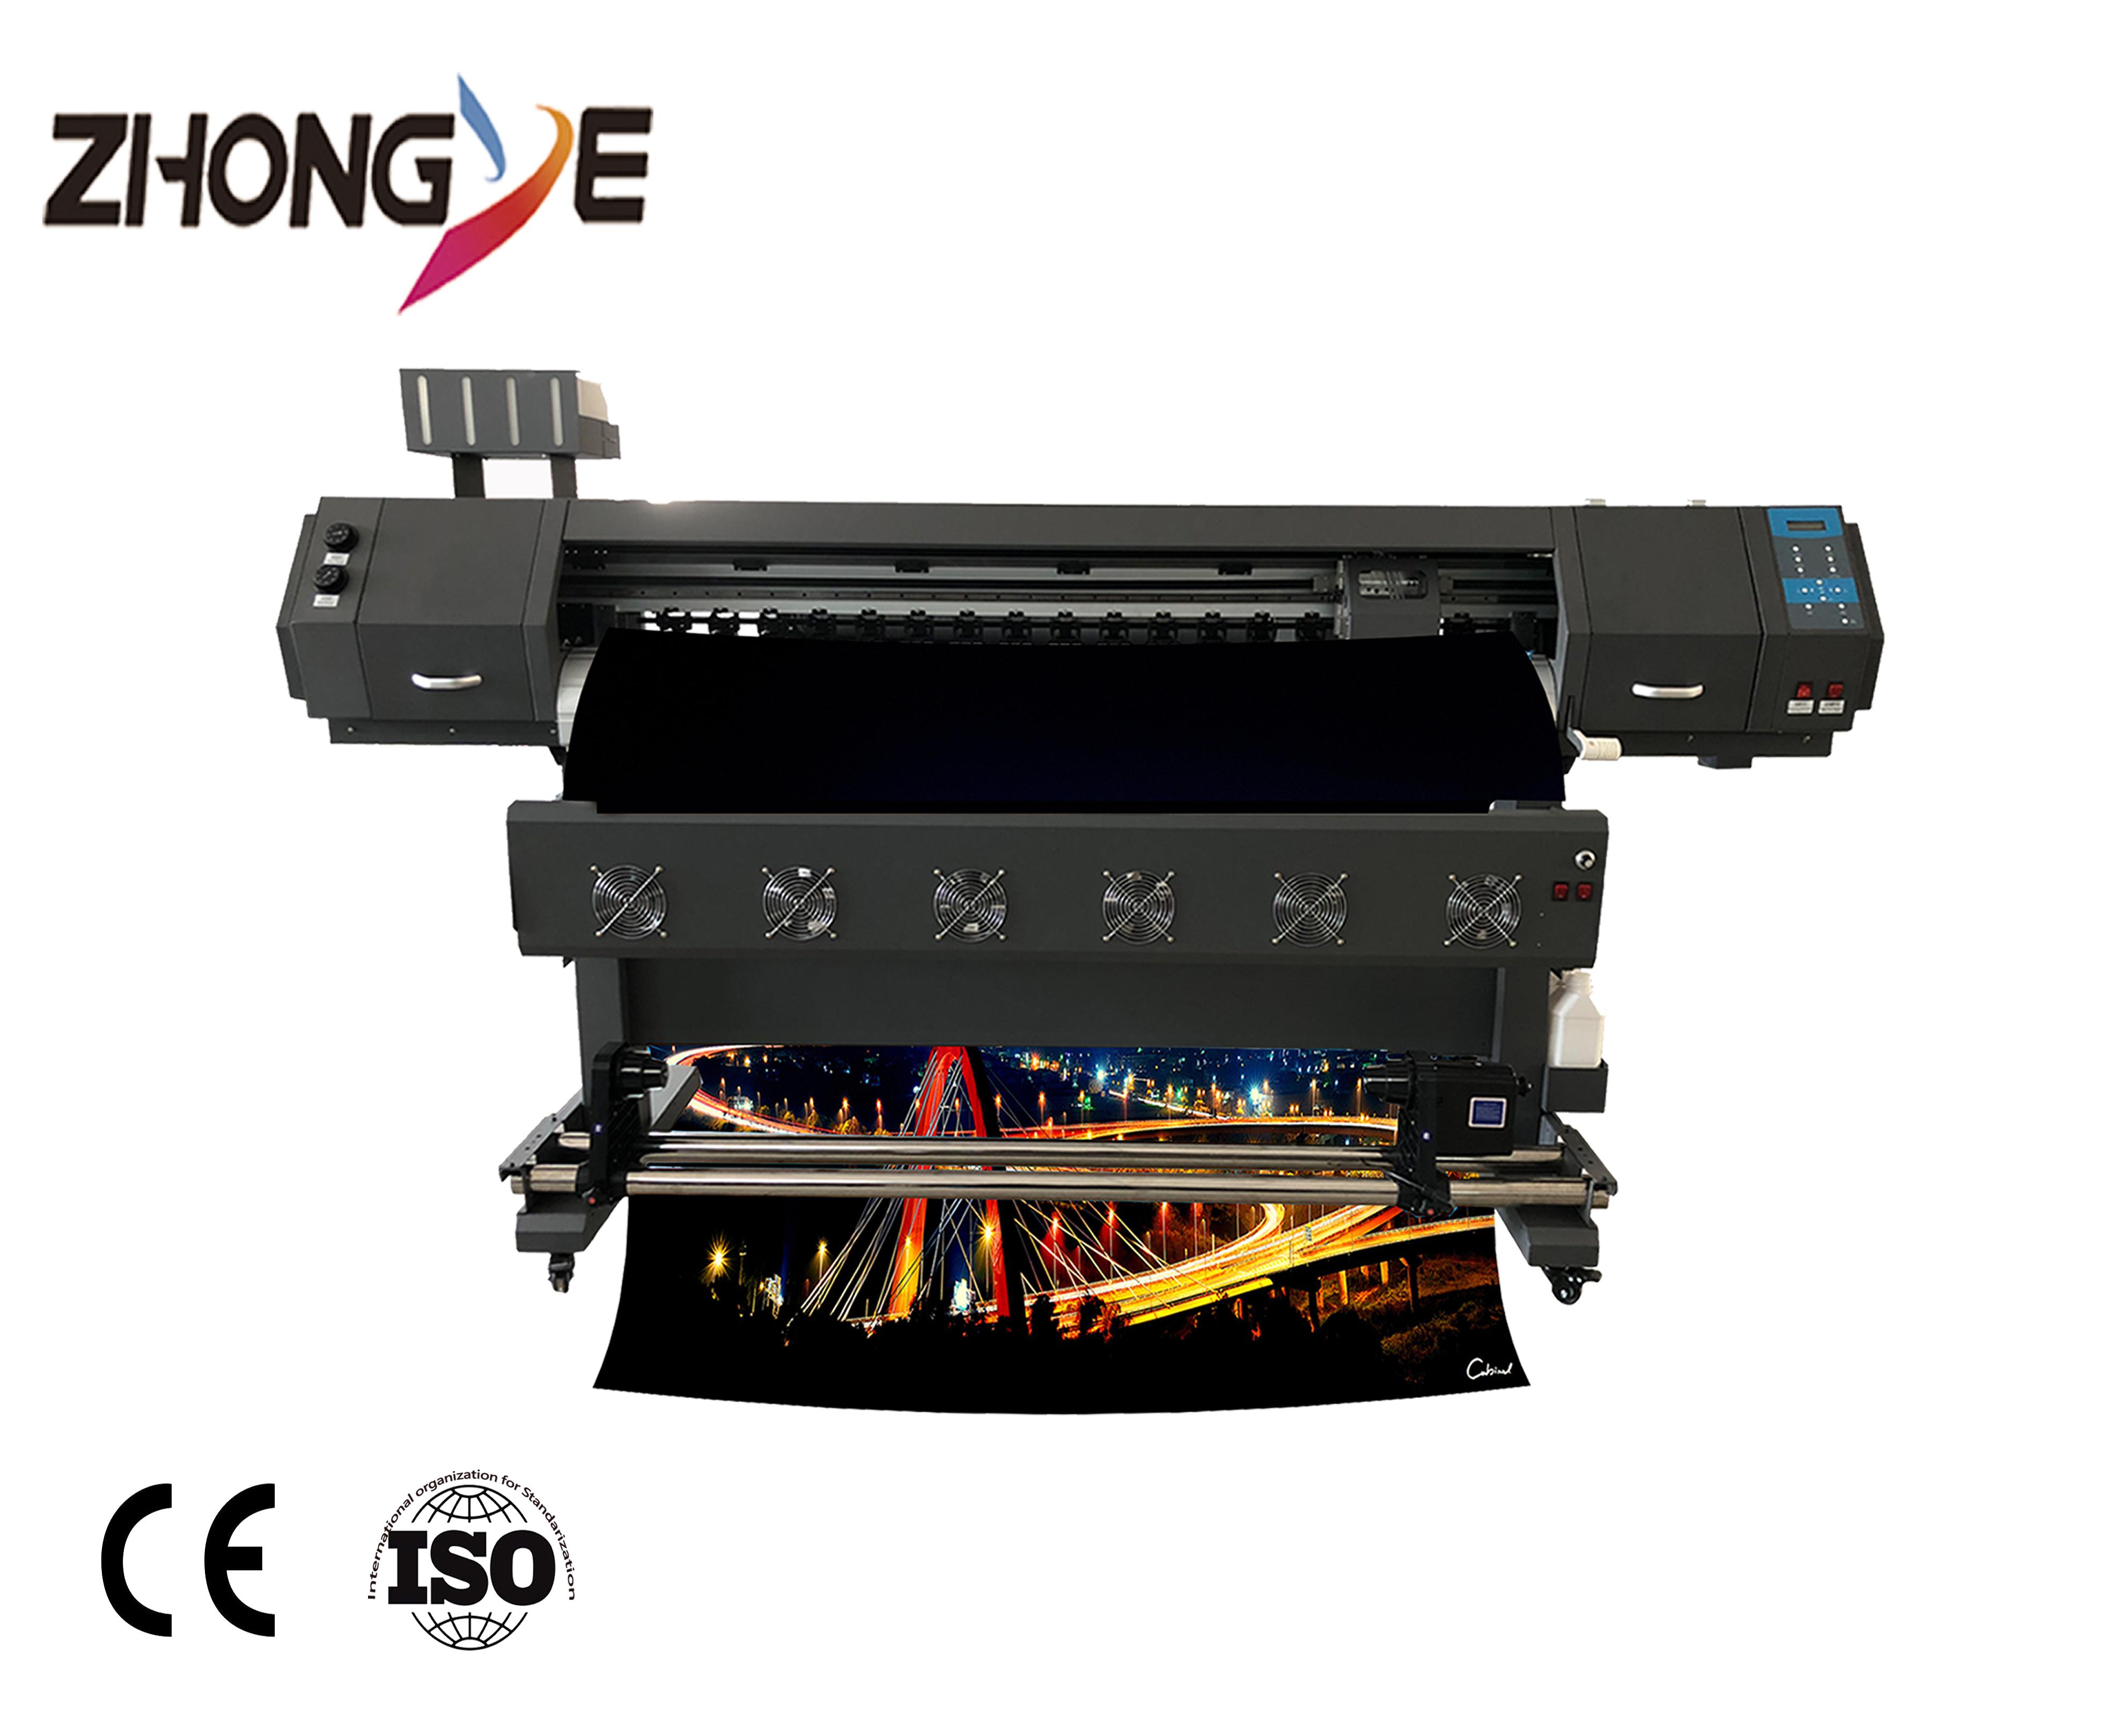 E2500 XP600